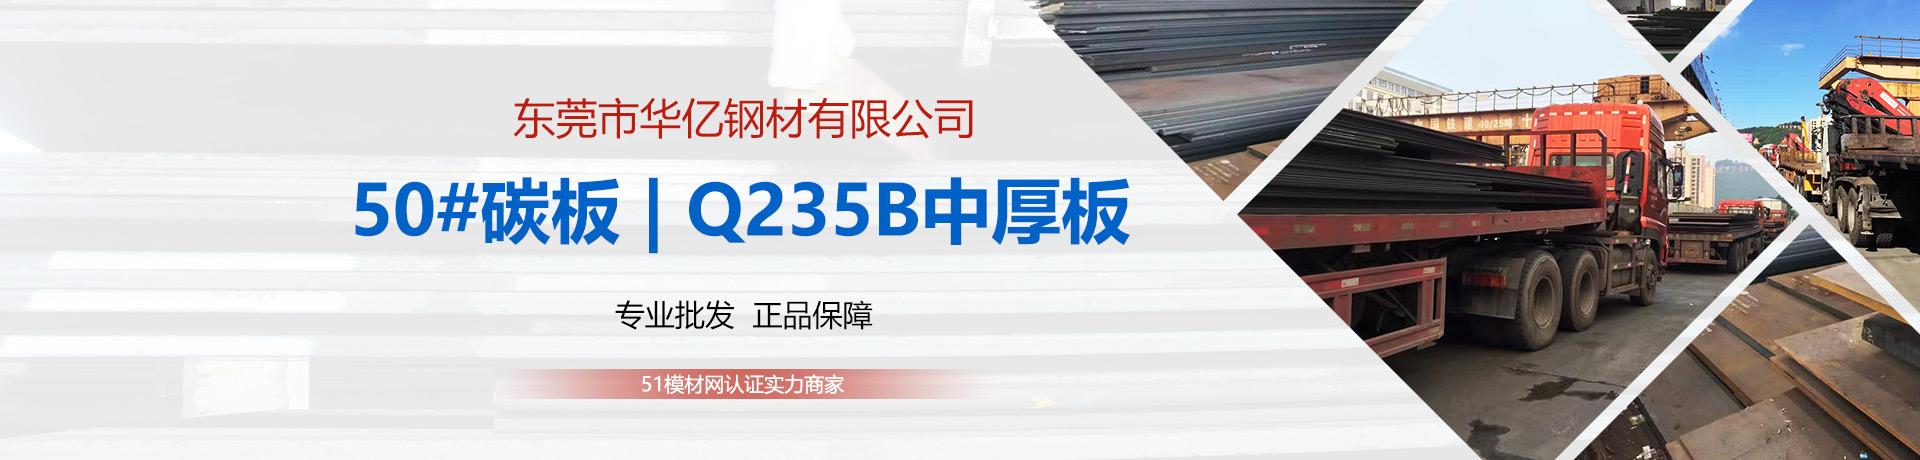 东莞市华亿钢材有限公司